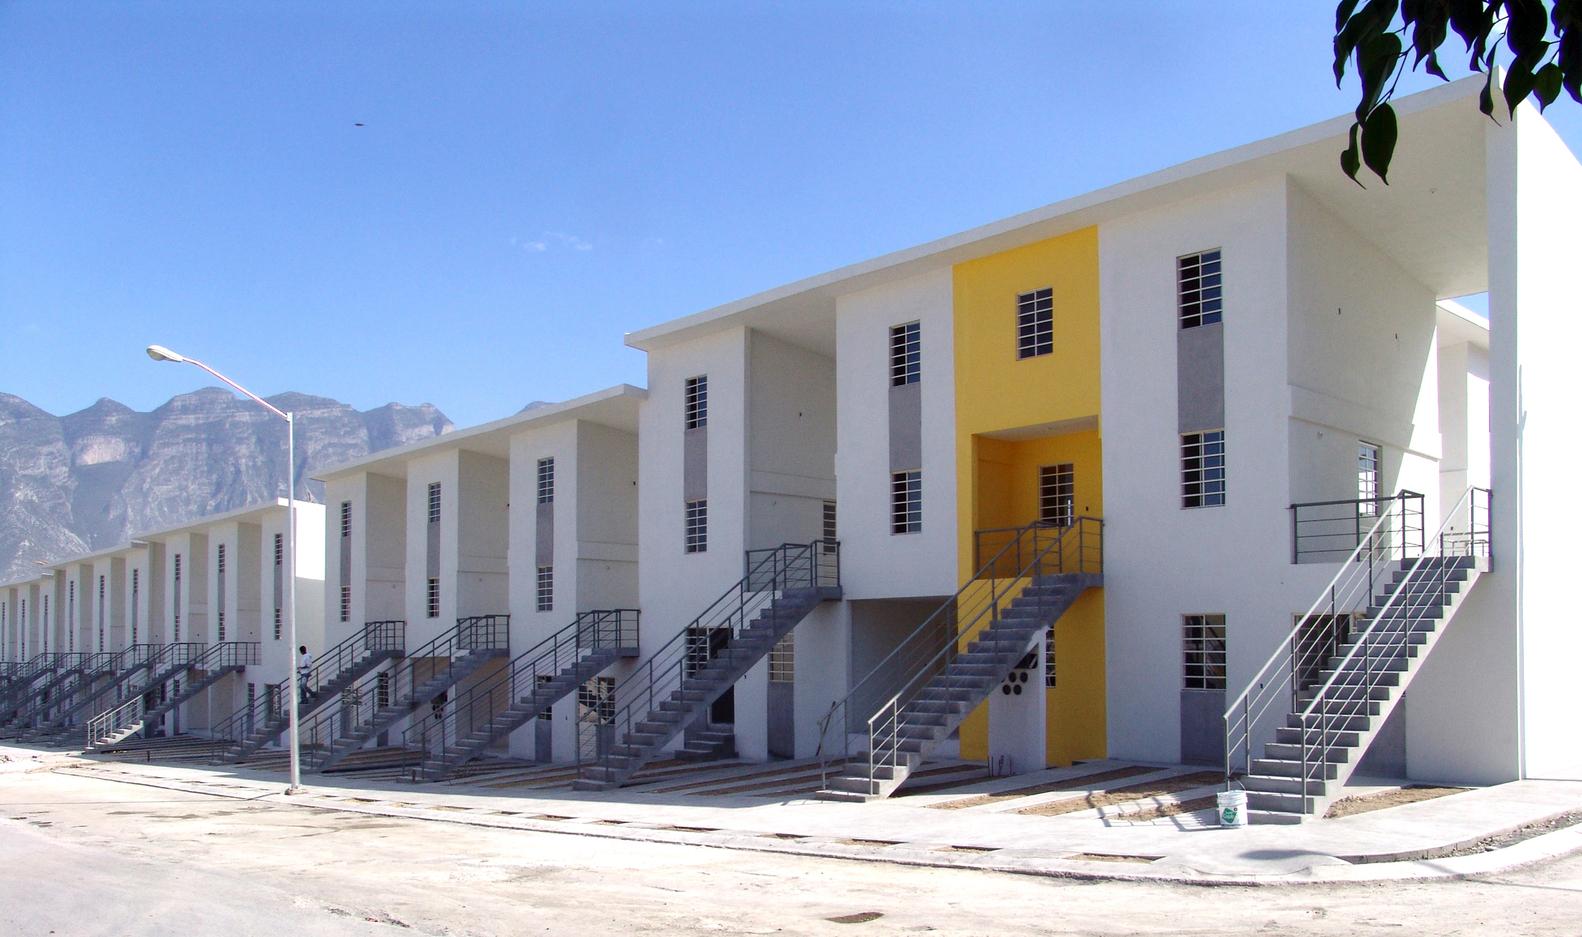 Monterrey Housing. Monterrey, Mexico 2010. Image © Ramiro Ramirez